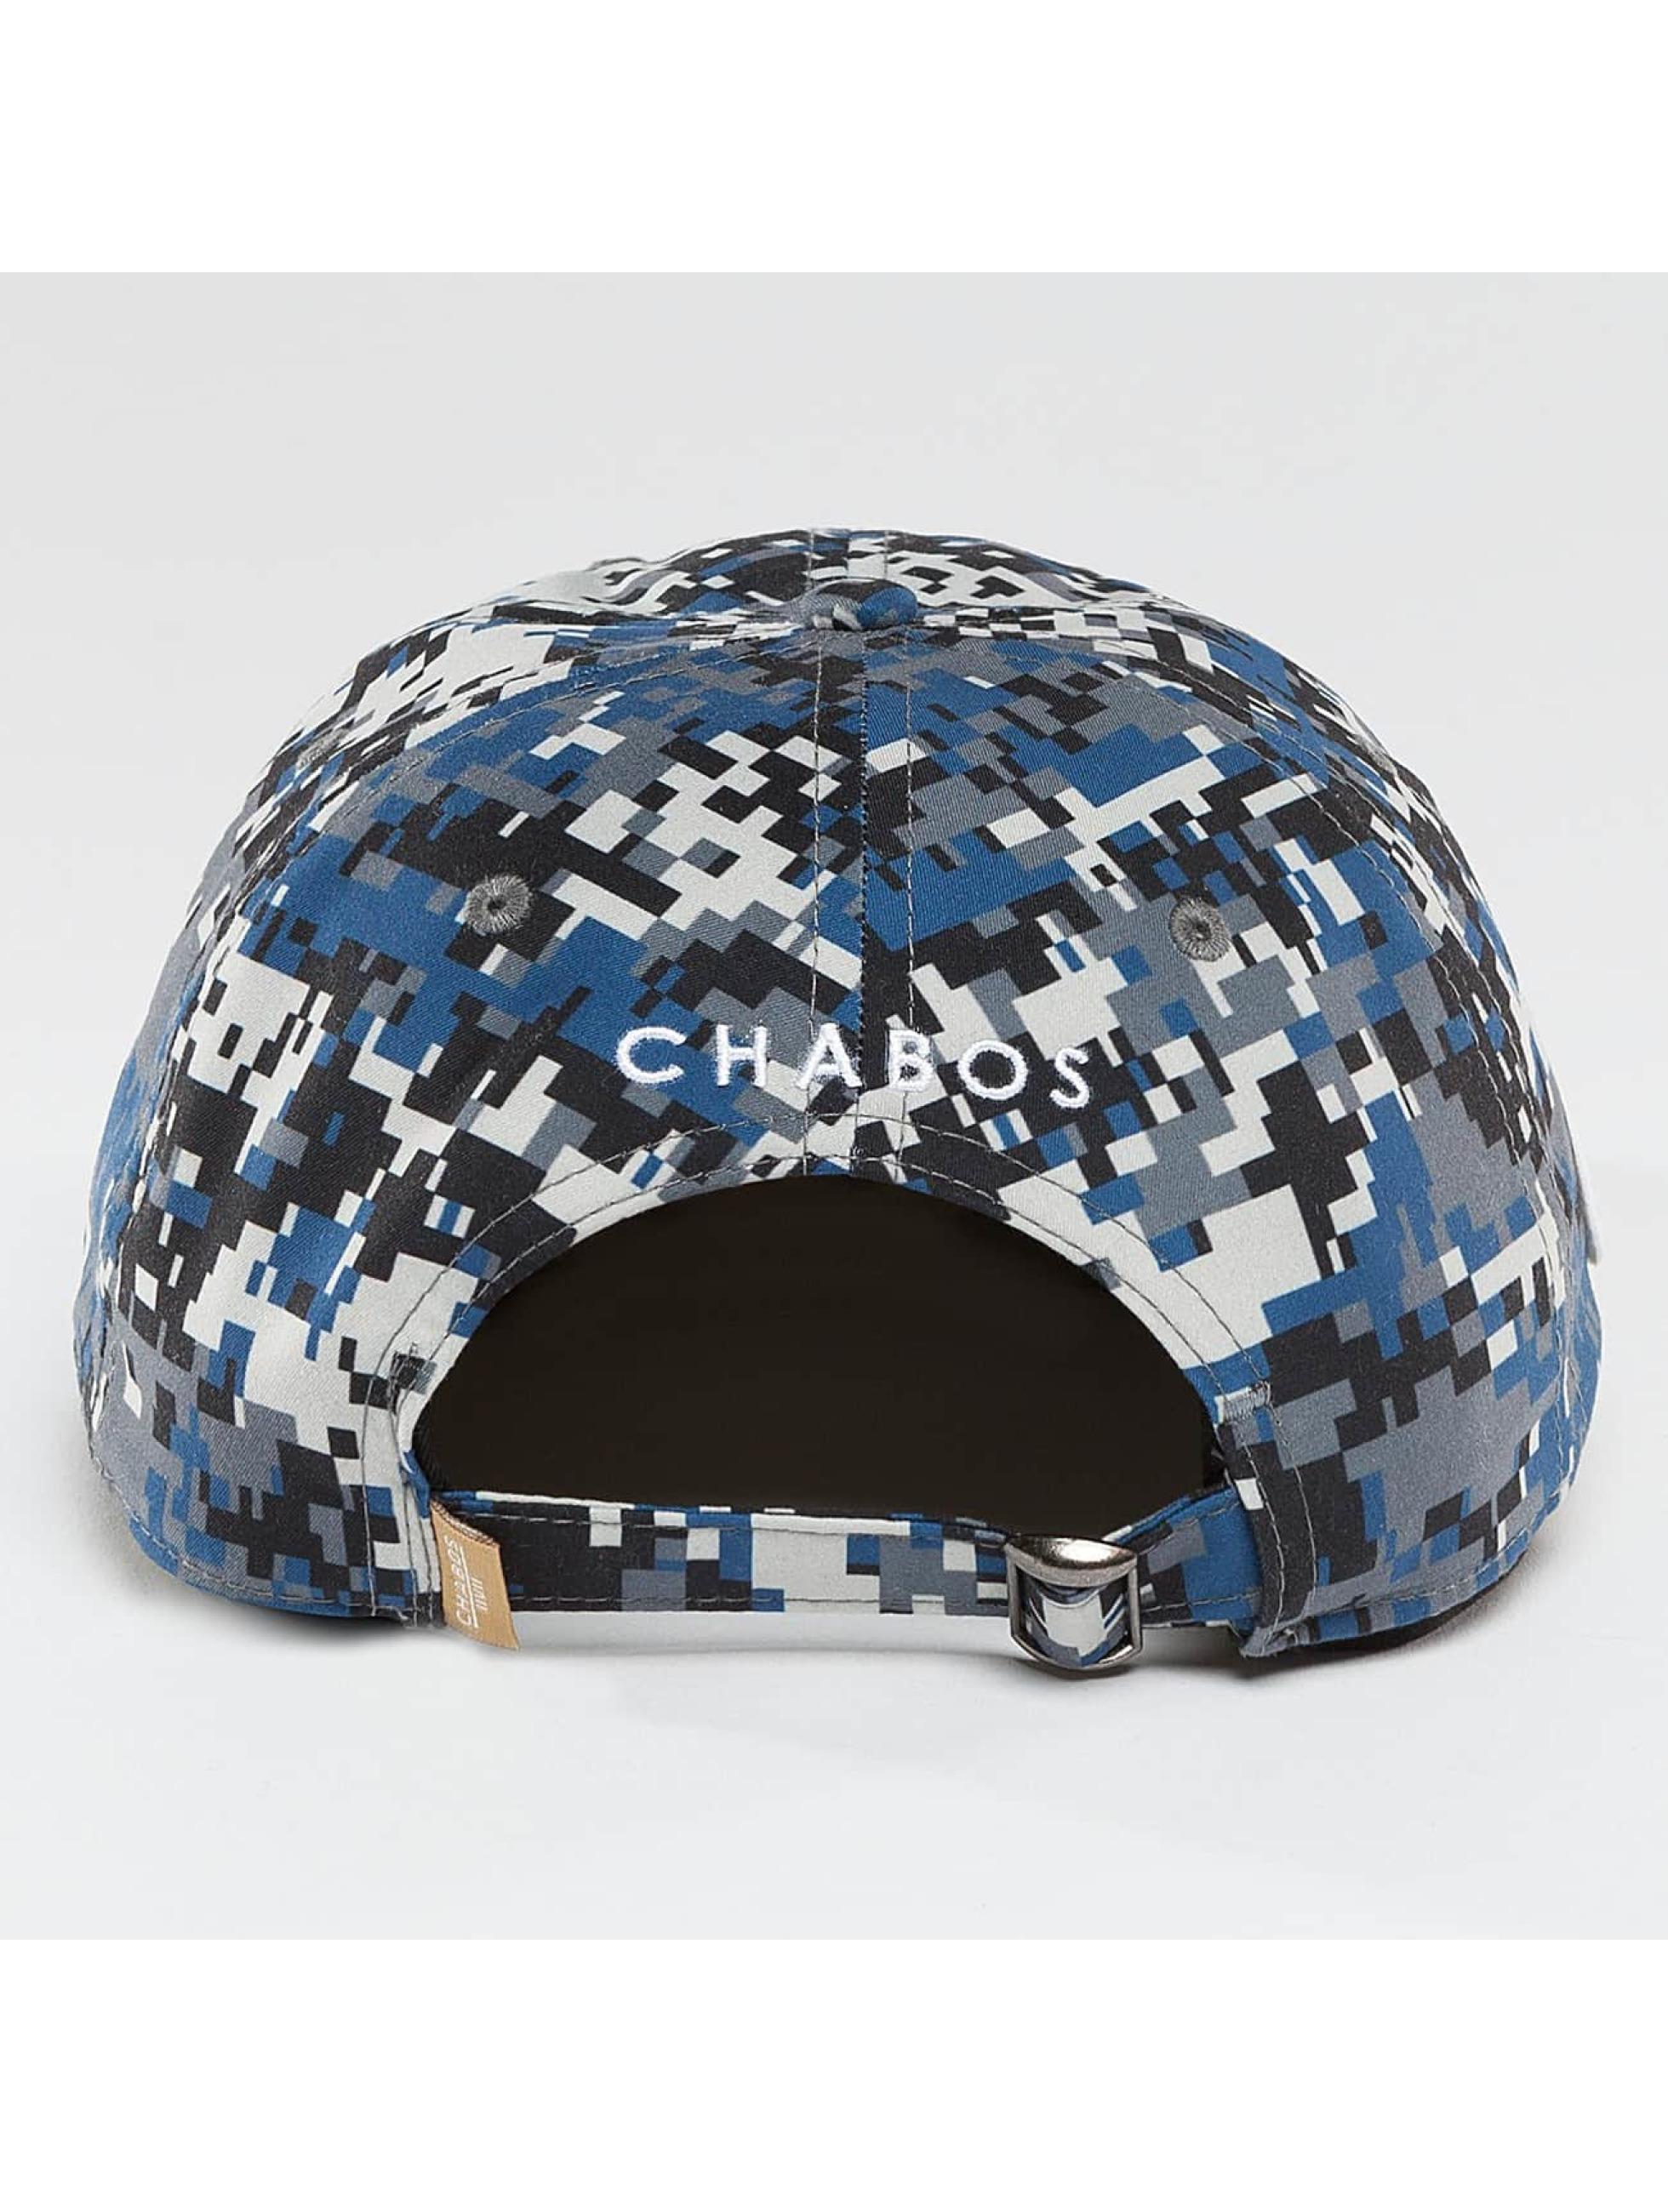 CHABOS IIVII Snapback Caps Round Panel kamuflasje